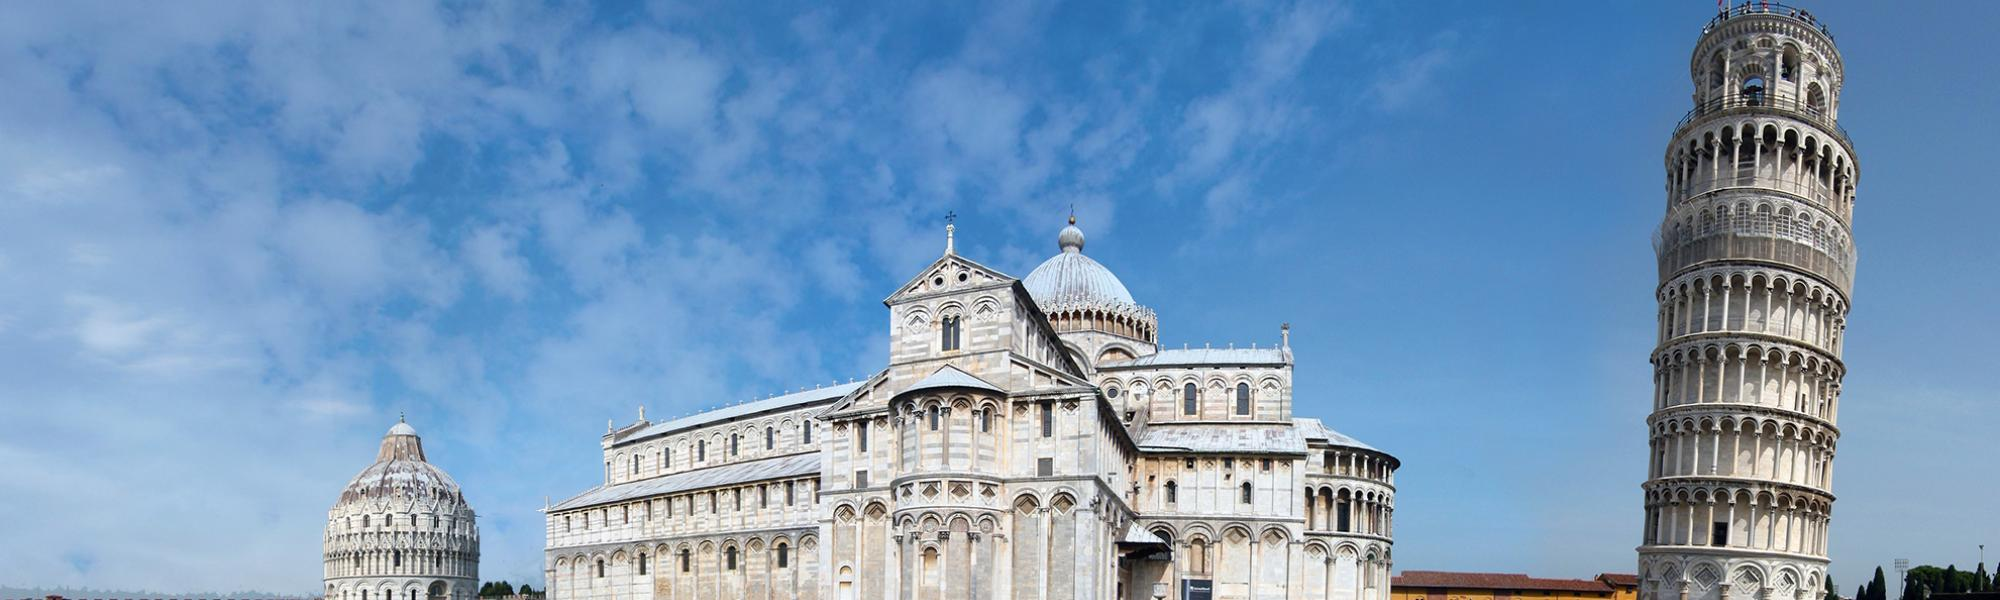 Piazza del Duomo a Pisa con il Battistero, la Cattedrale e la Torre pendente